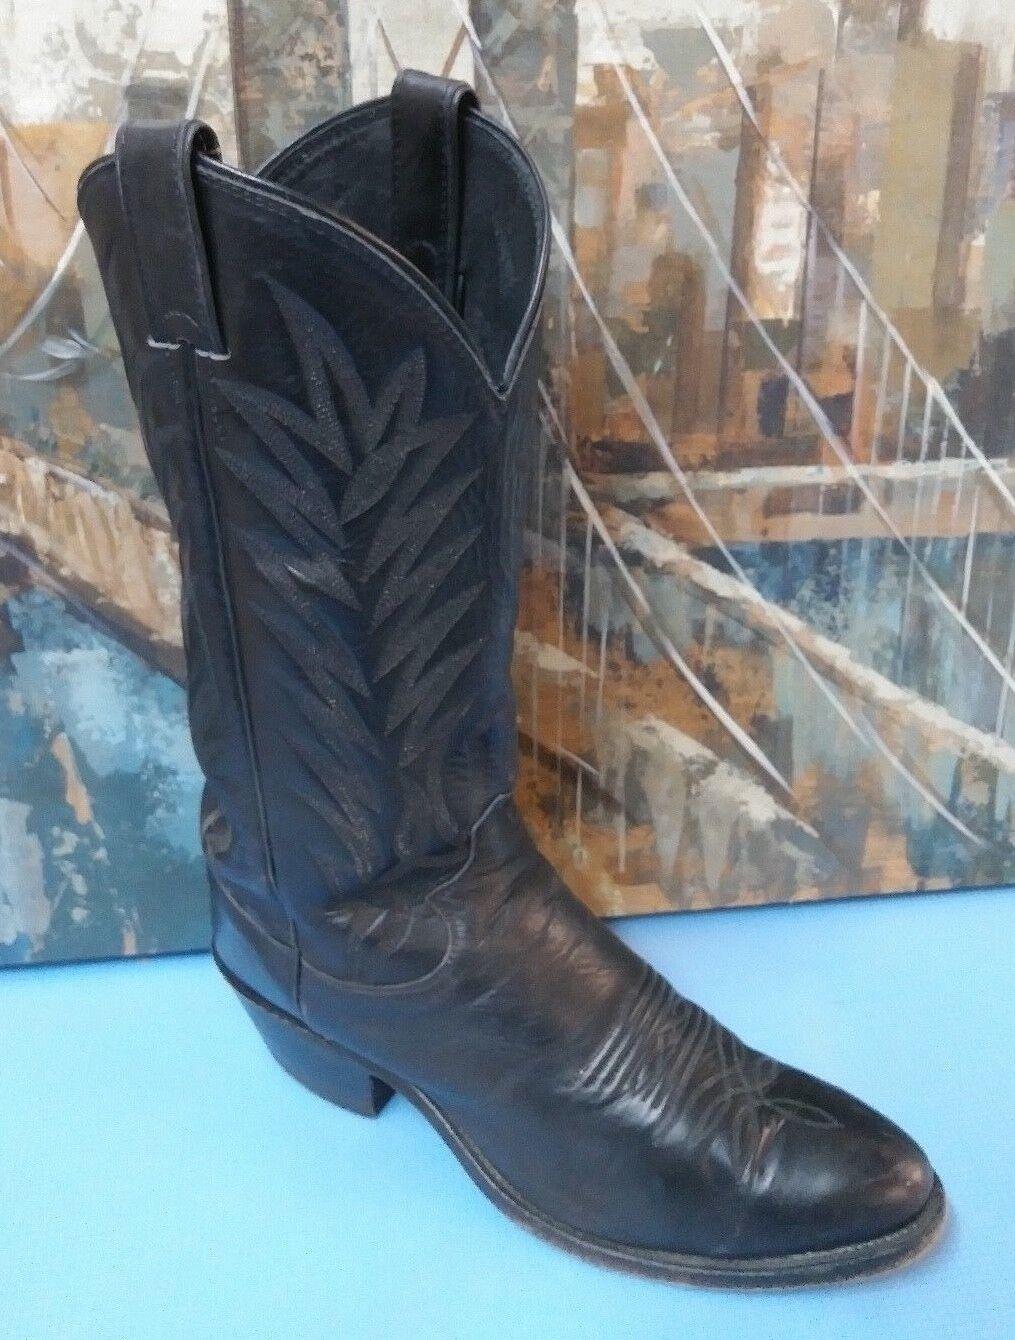 Justin J41924 Men's Cowboy Boots, size 8 D  Black